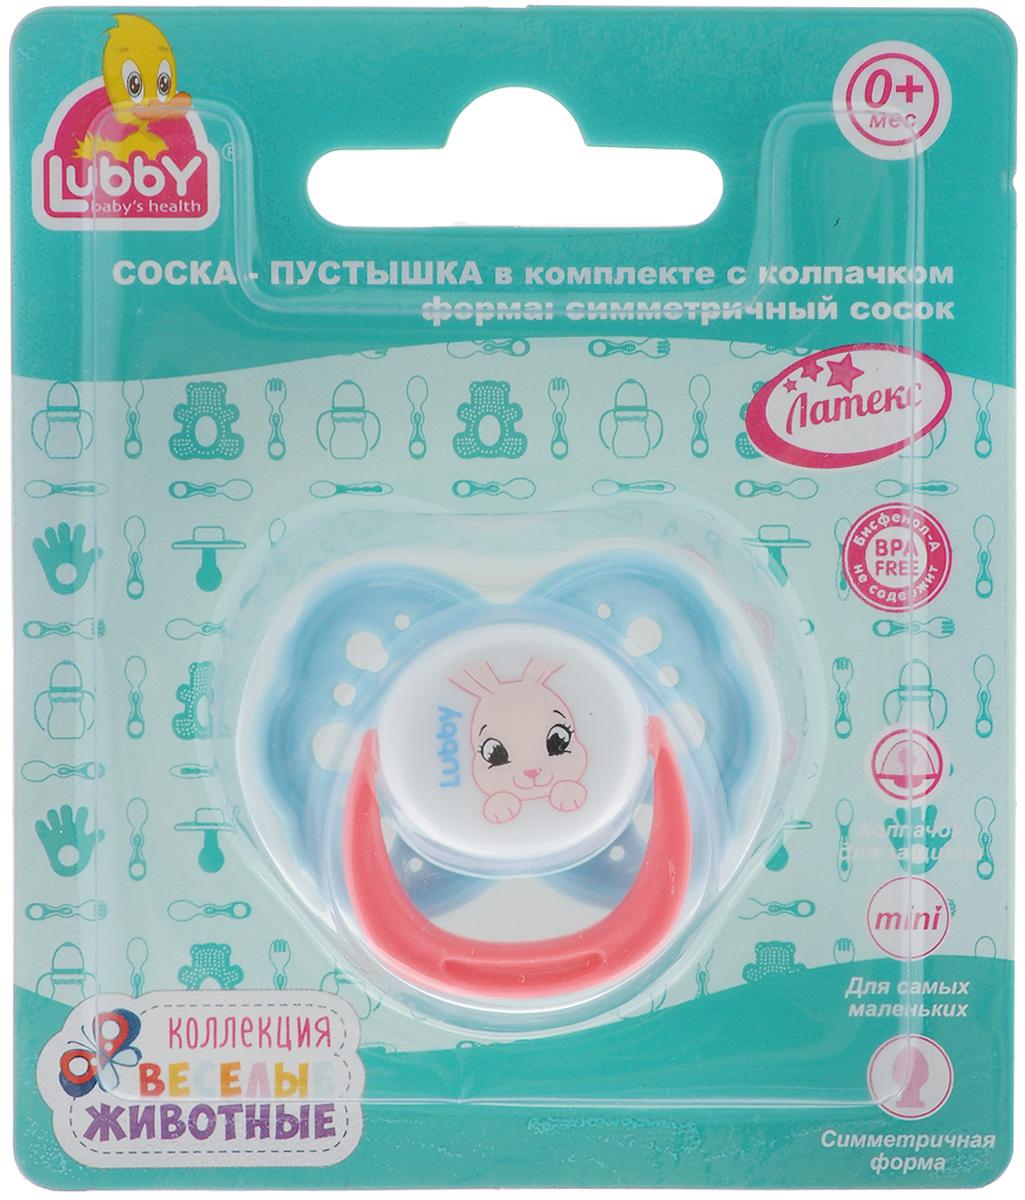 Lubby Пустышка латексная Зайчик от 0 месяцев